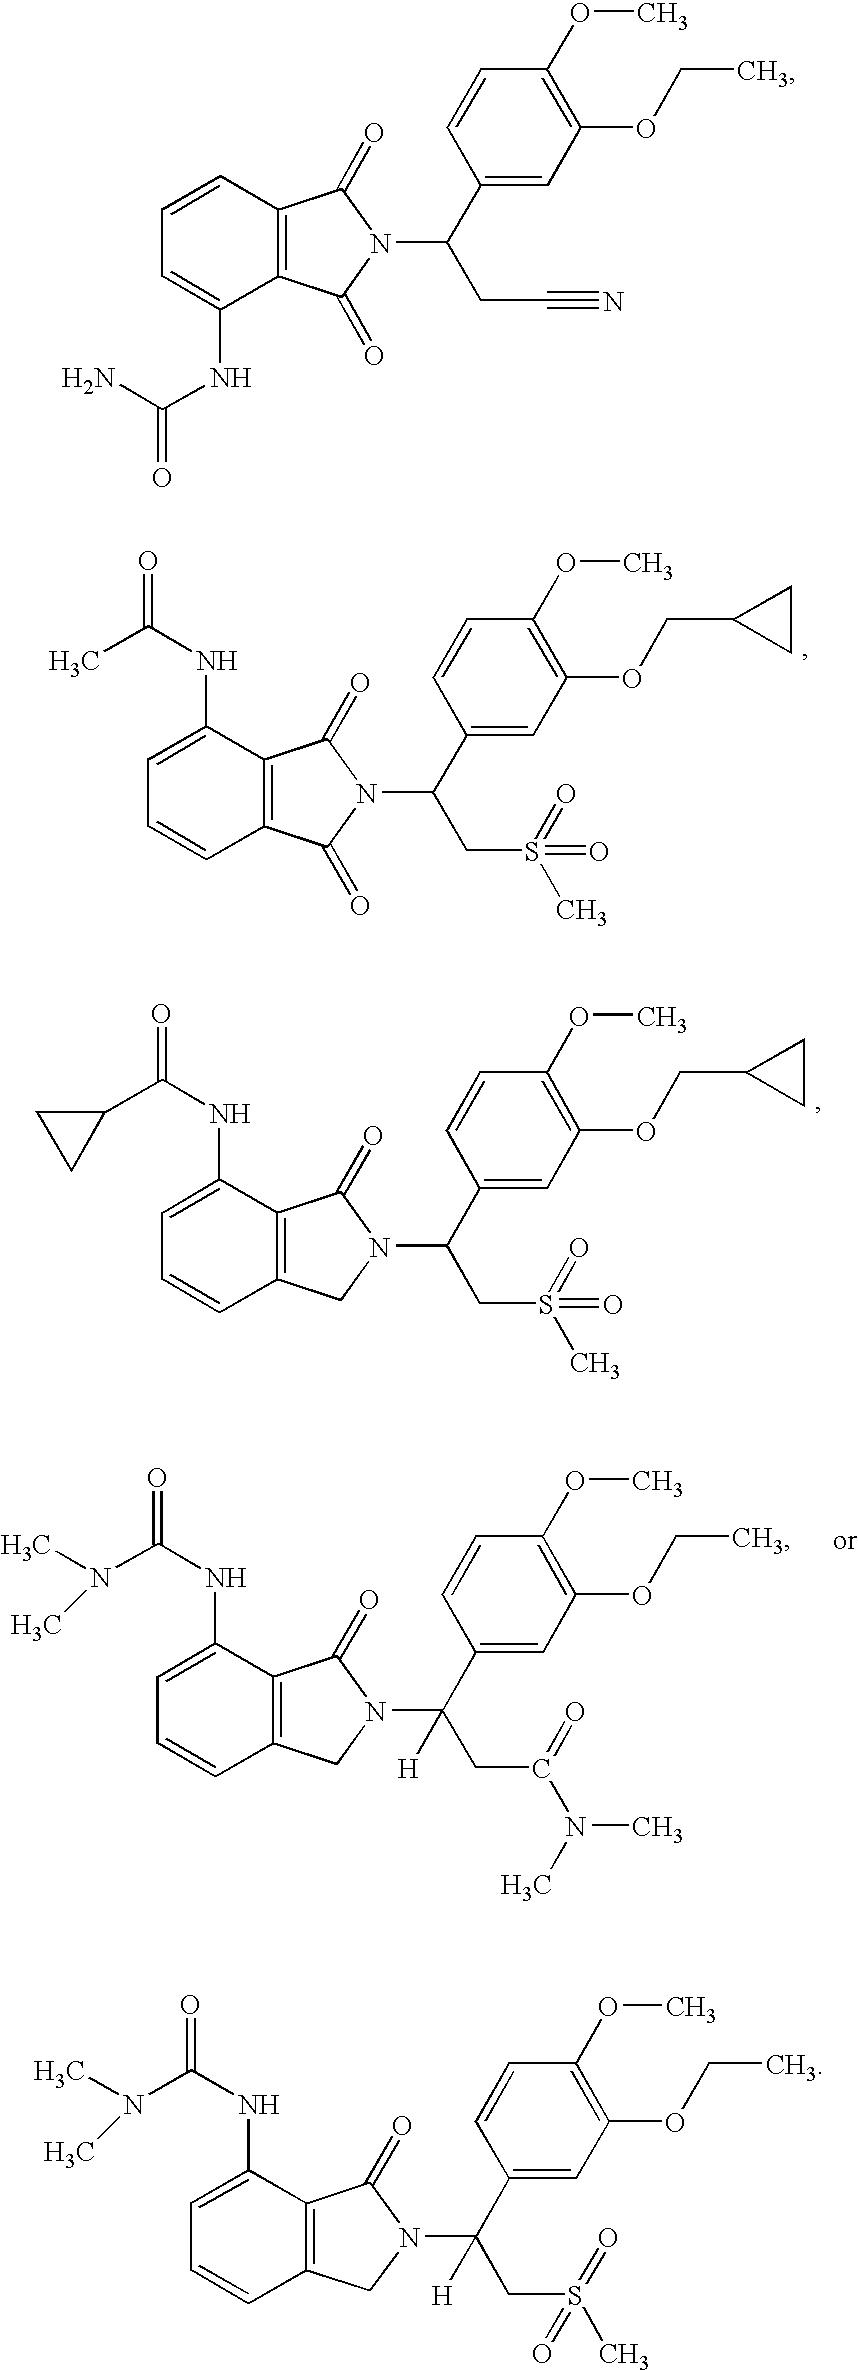 Figure US20060084815A1-20060420-C00042